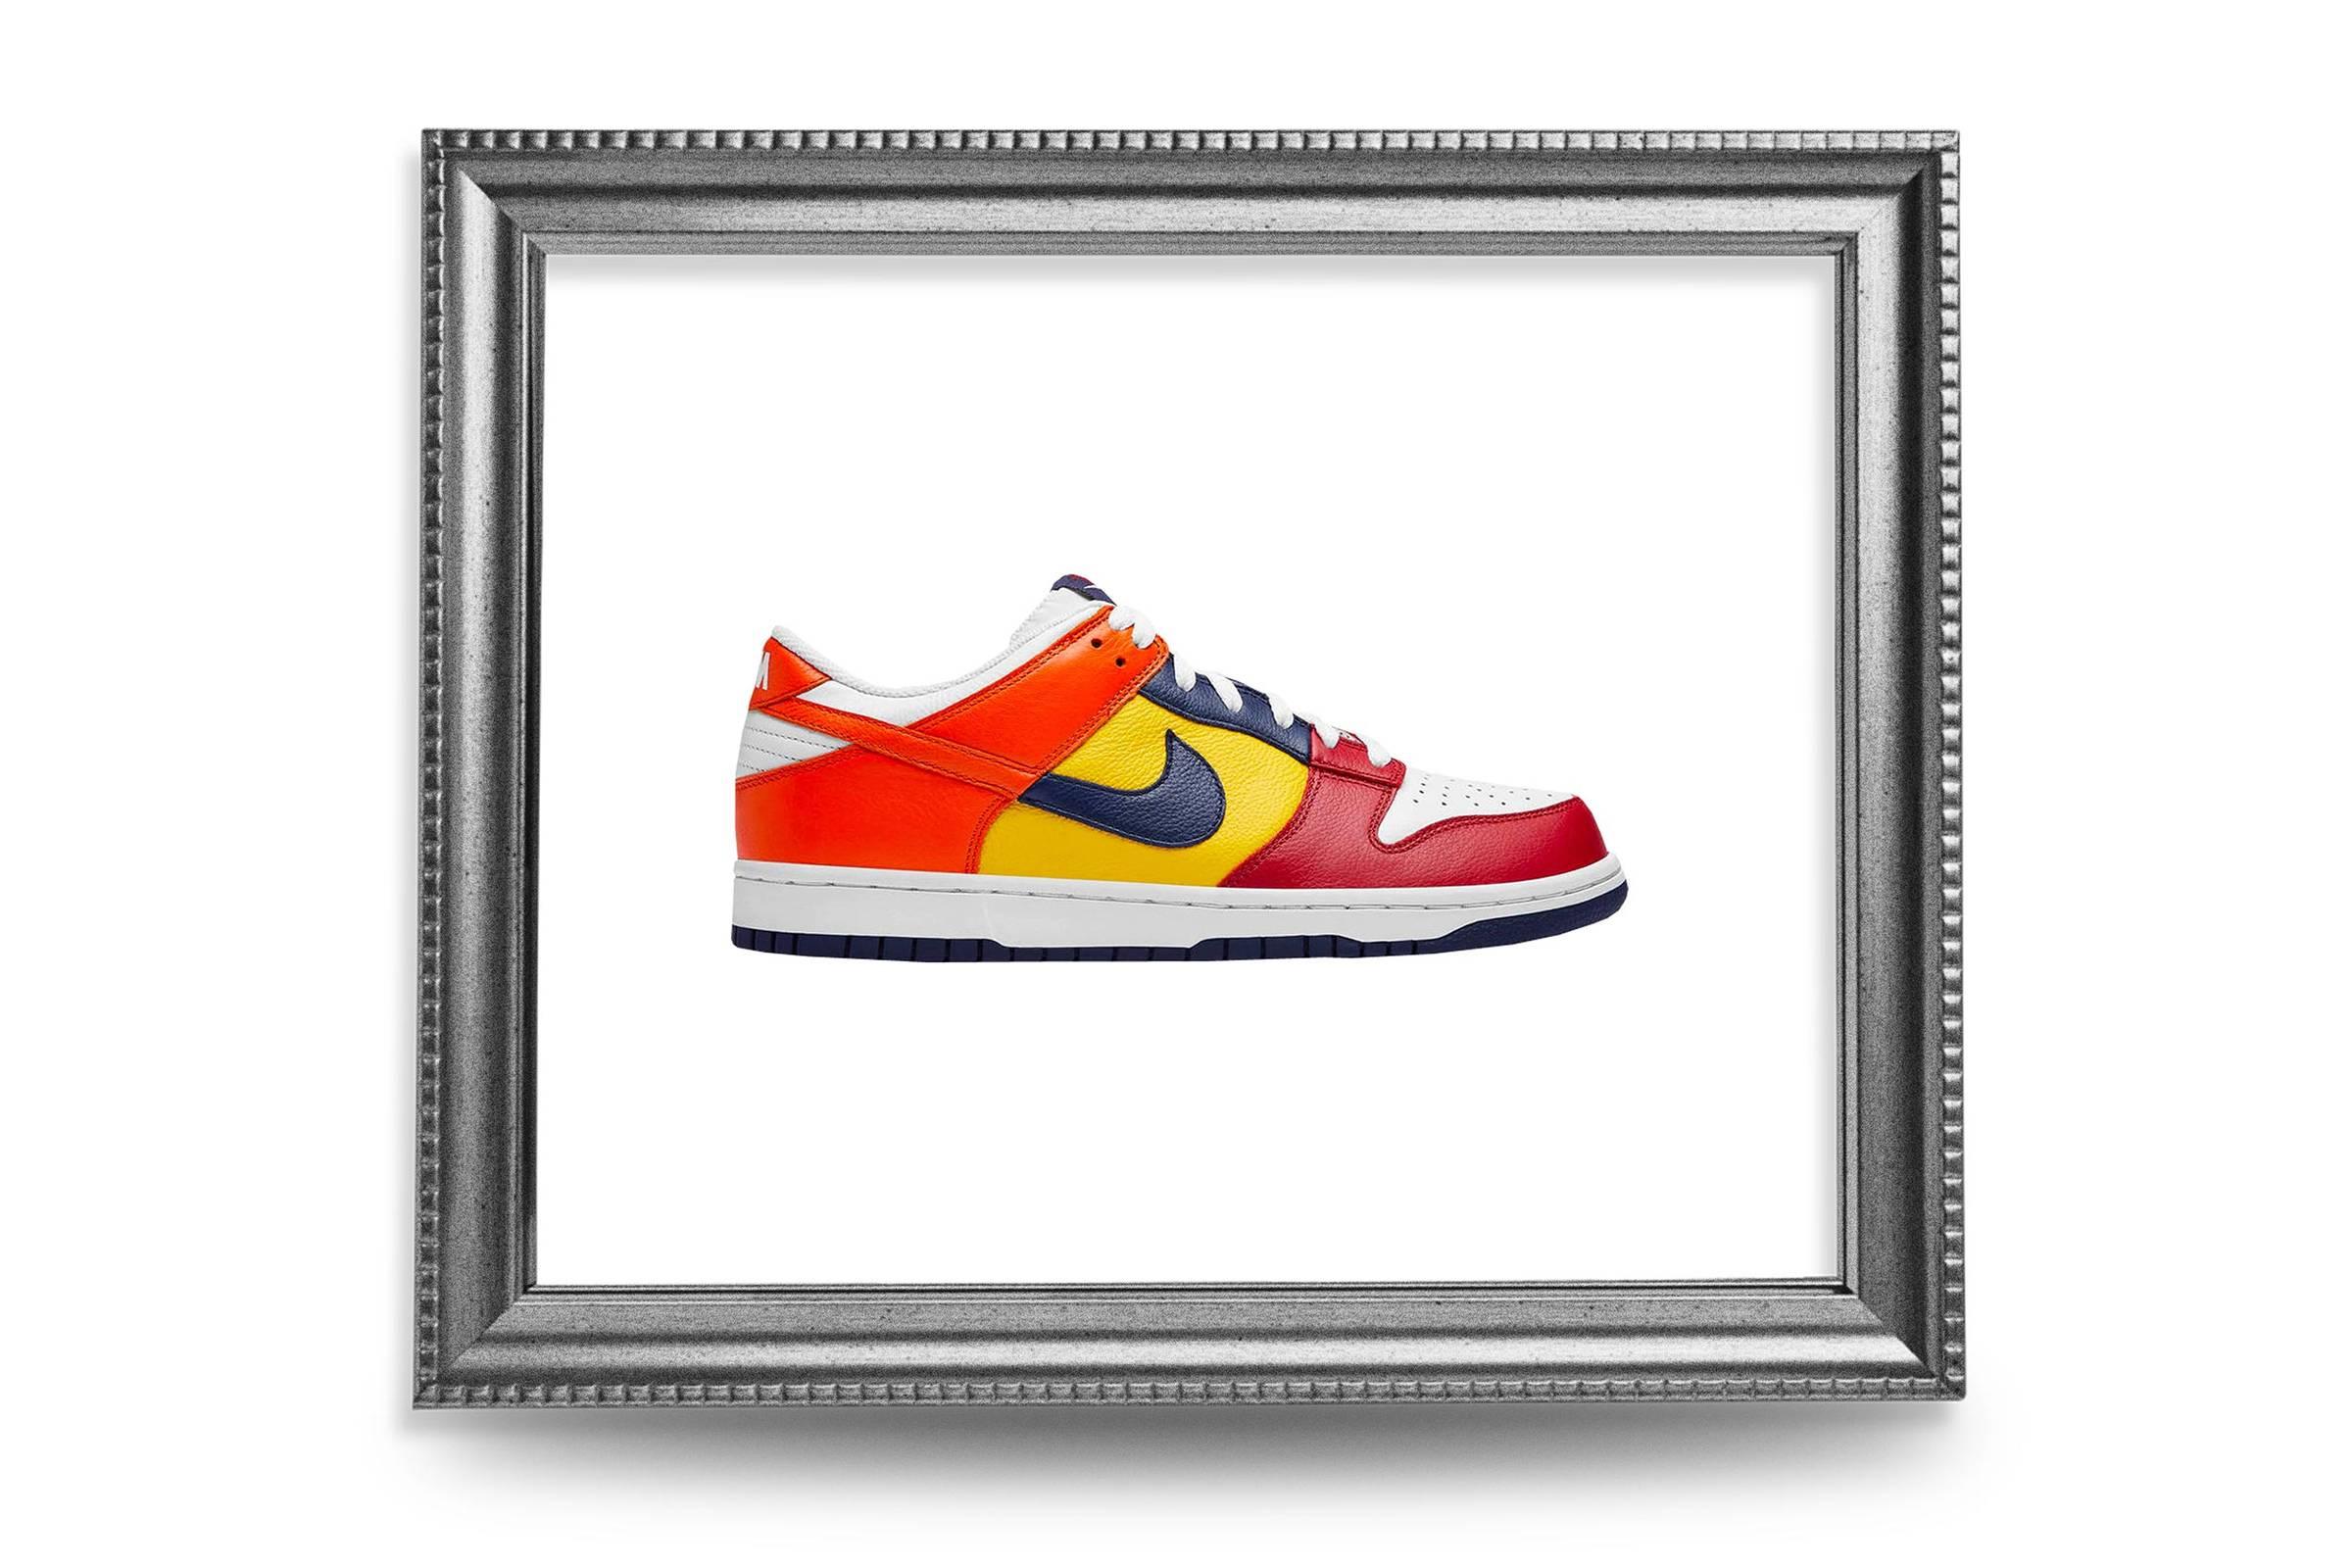 Sneaker Stories: Week of September 20, 2020